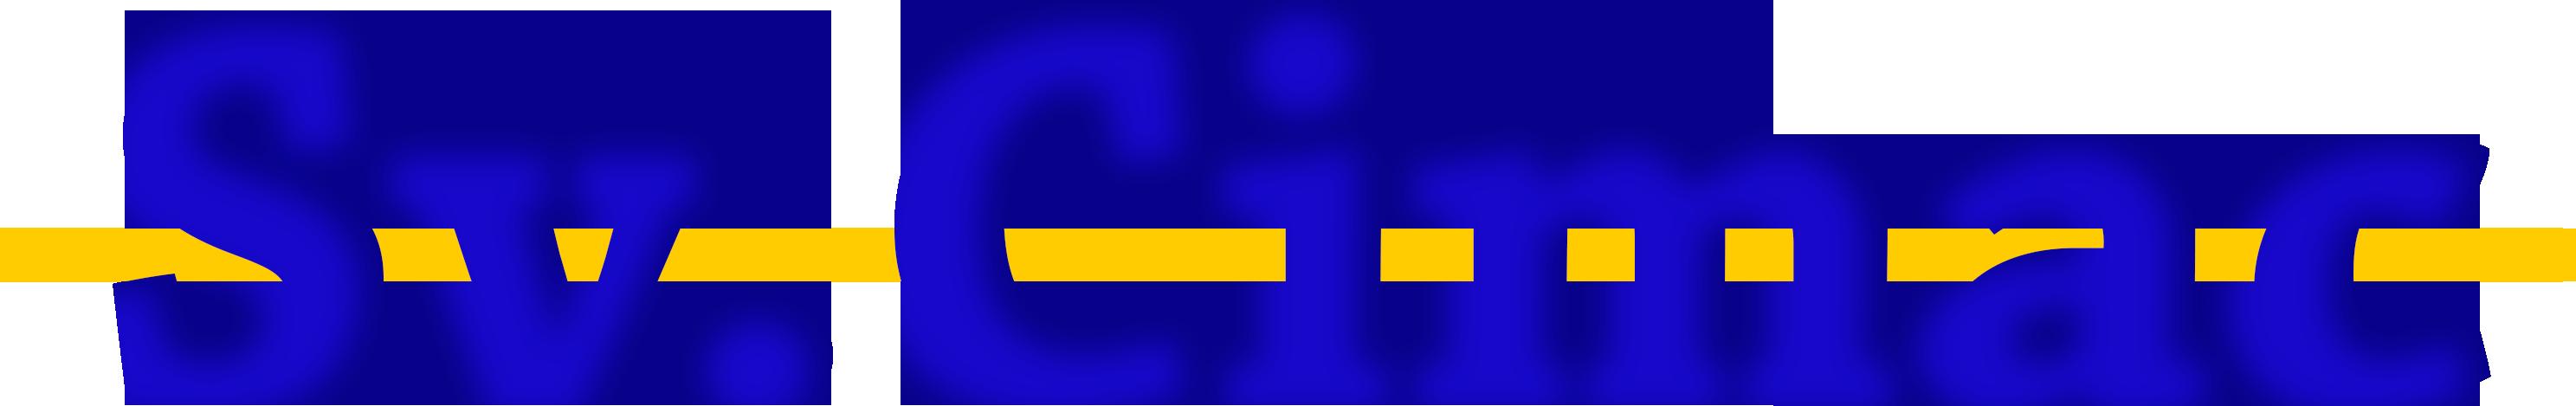 Svenska Mekanisters Riksförening bjuder in till seminarium 21 mars